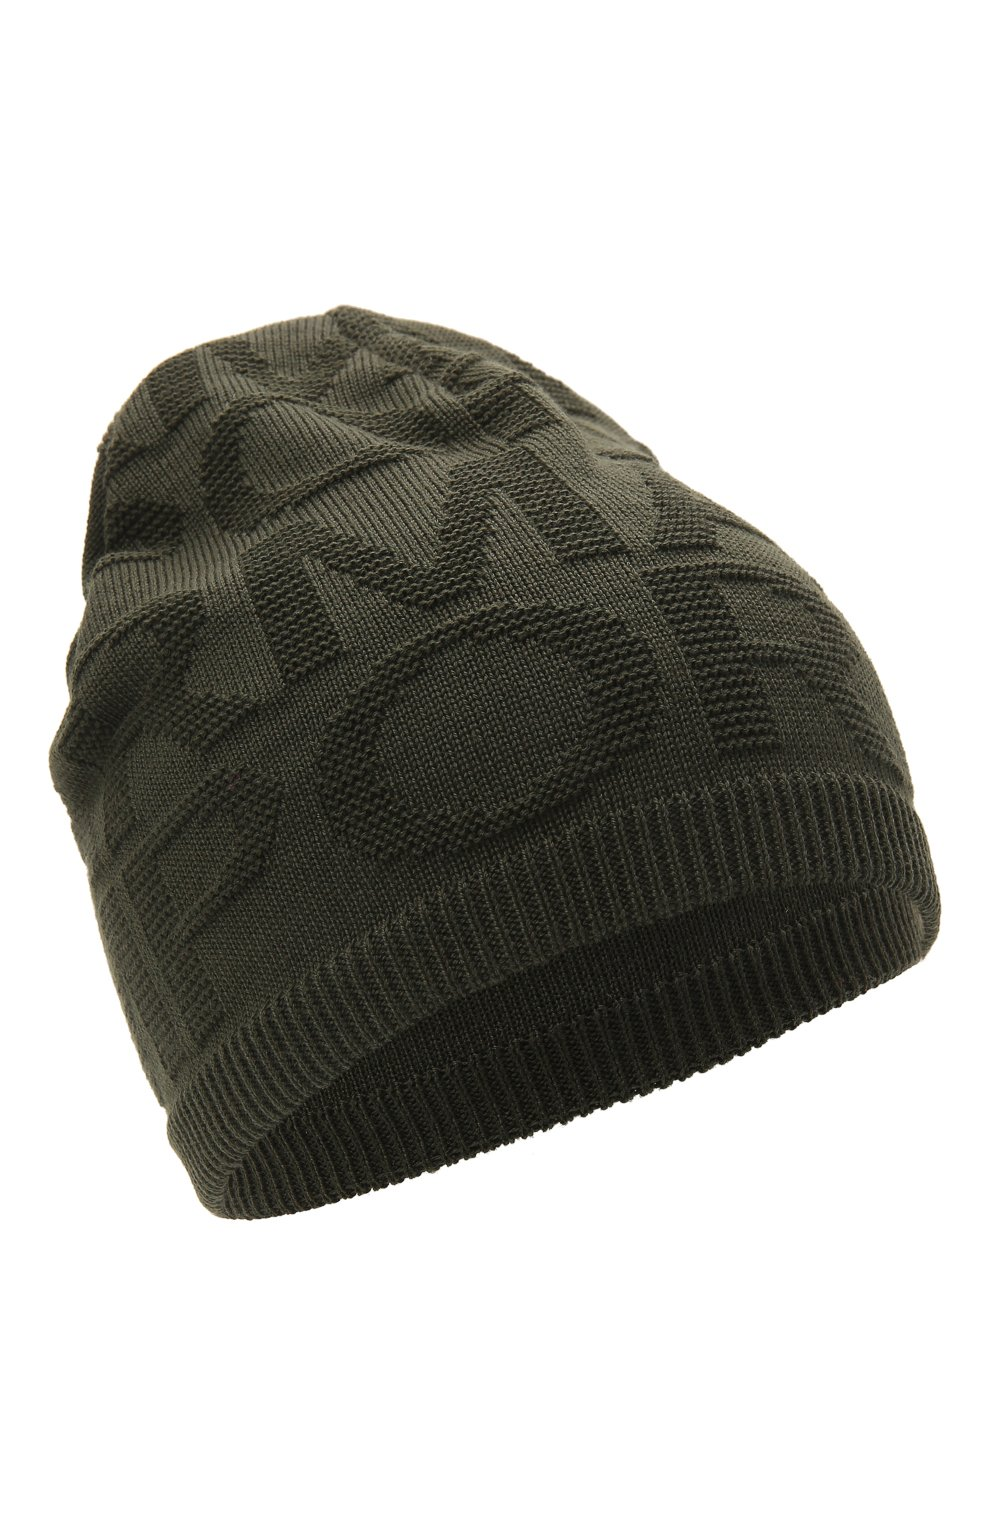 Детский комплект из шапки и шарфа EMPORIO ARMANI хаки цвета, арт. 407512/1A762 | Фото 2 (Материал: Текстиль, Шерсть, Синтетический материал)